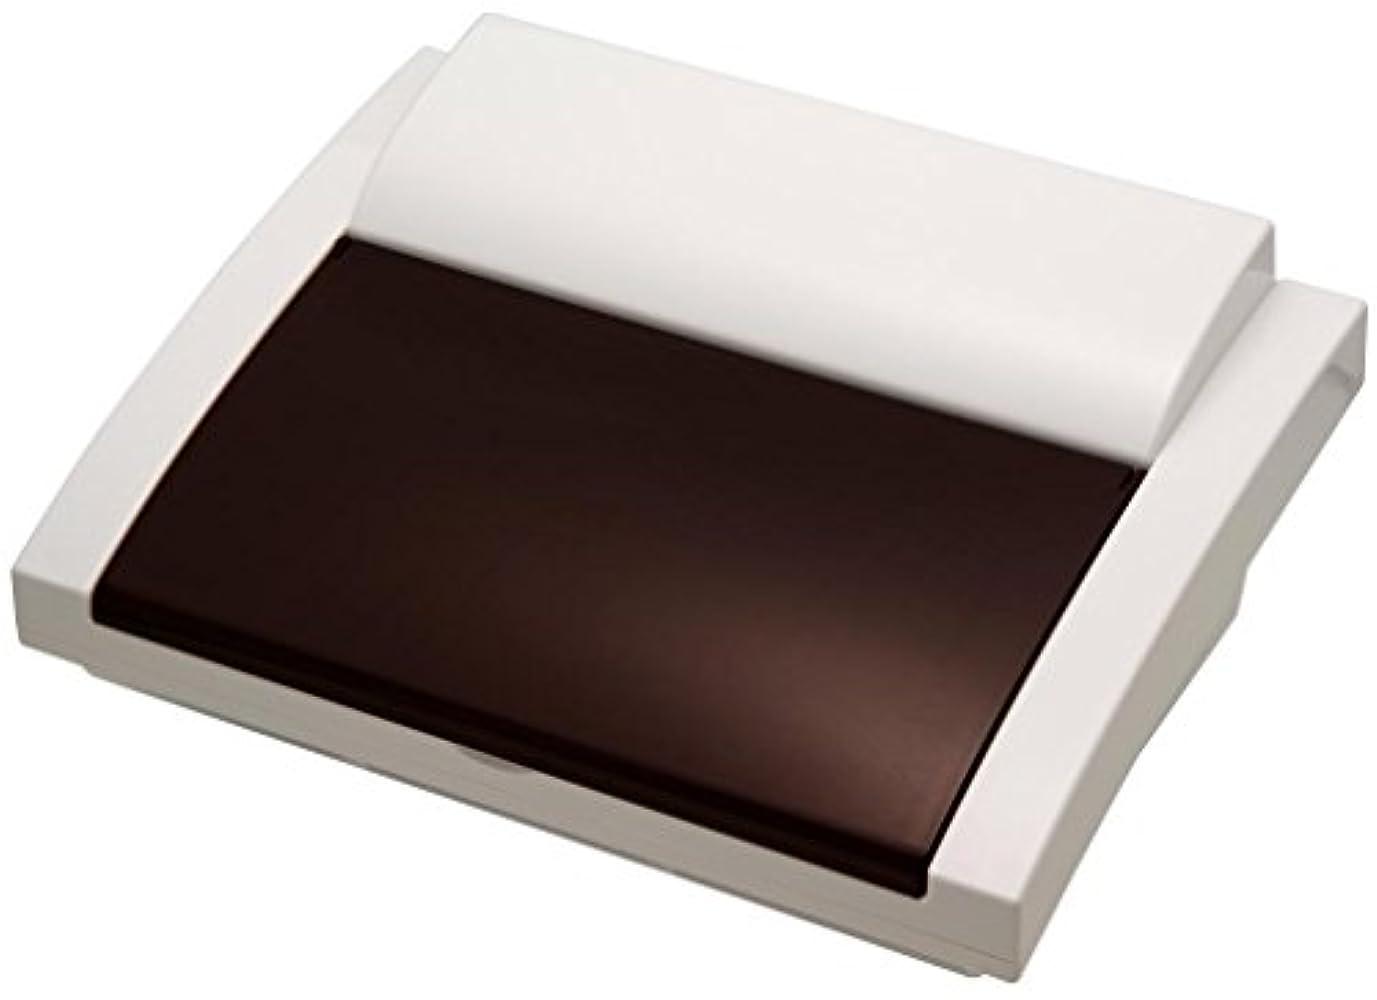 リズミカルな取る資格ステアライザー(ステリライザー)STERILIZER COMPACT 209C / 紫外線 UV 消毒器 殺菌器